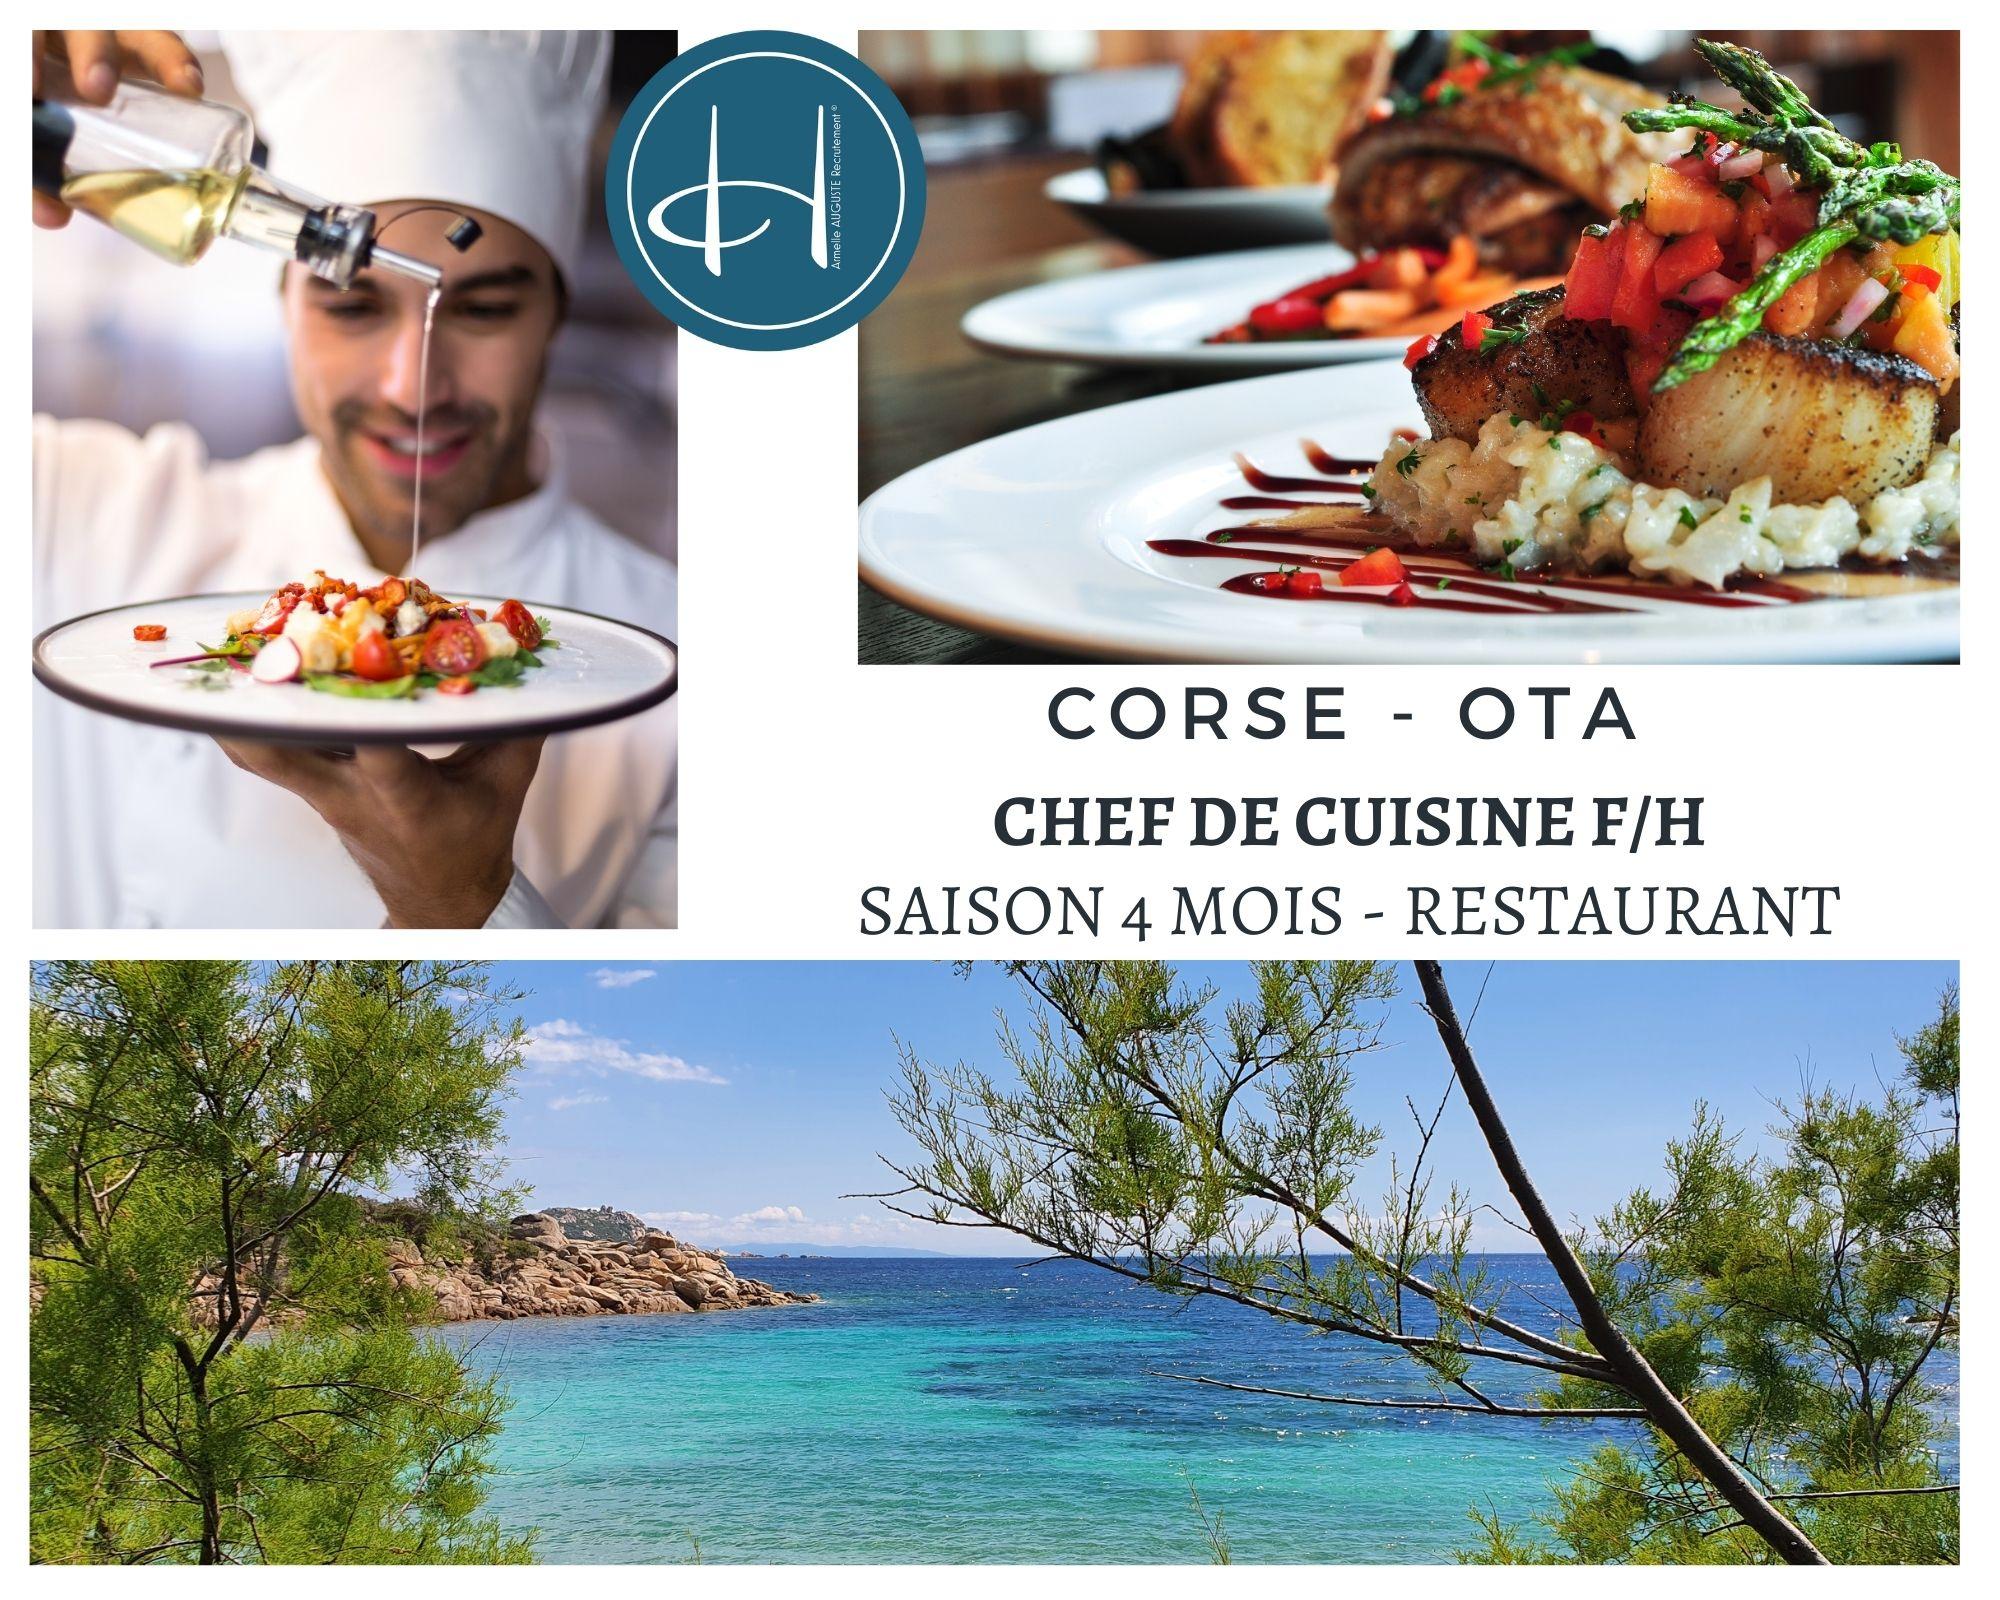 Recrutement: Chef de cuisine saison été en Corse F/H chez Armelle AUGUSTE Recrutement® à Ota